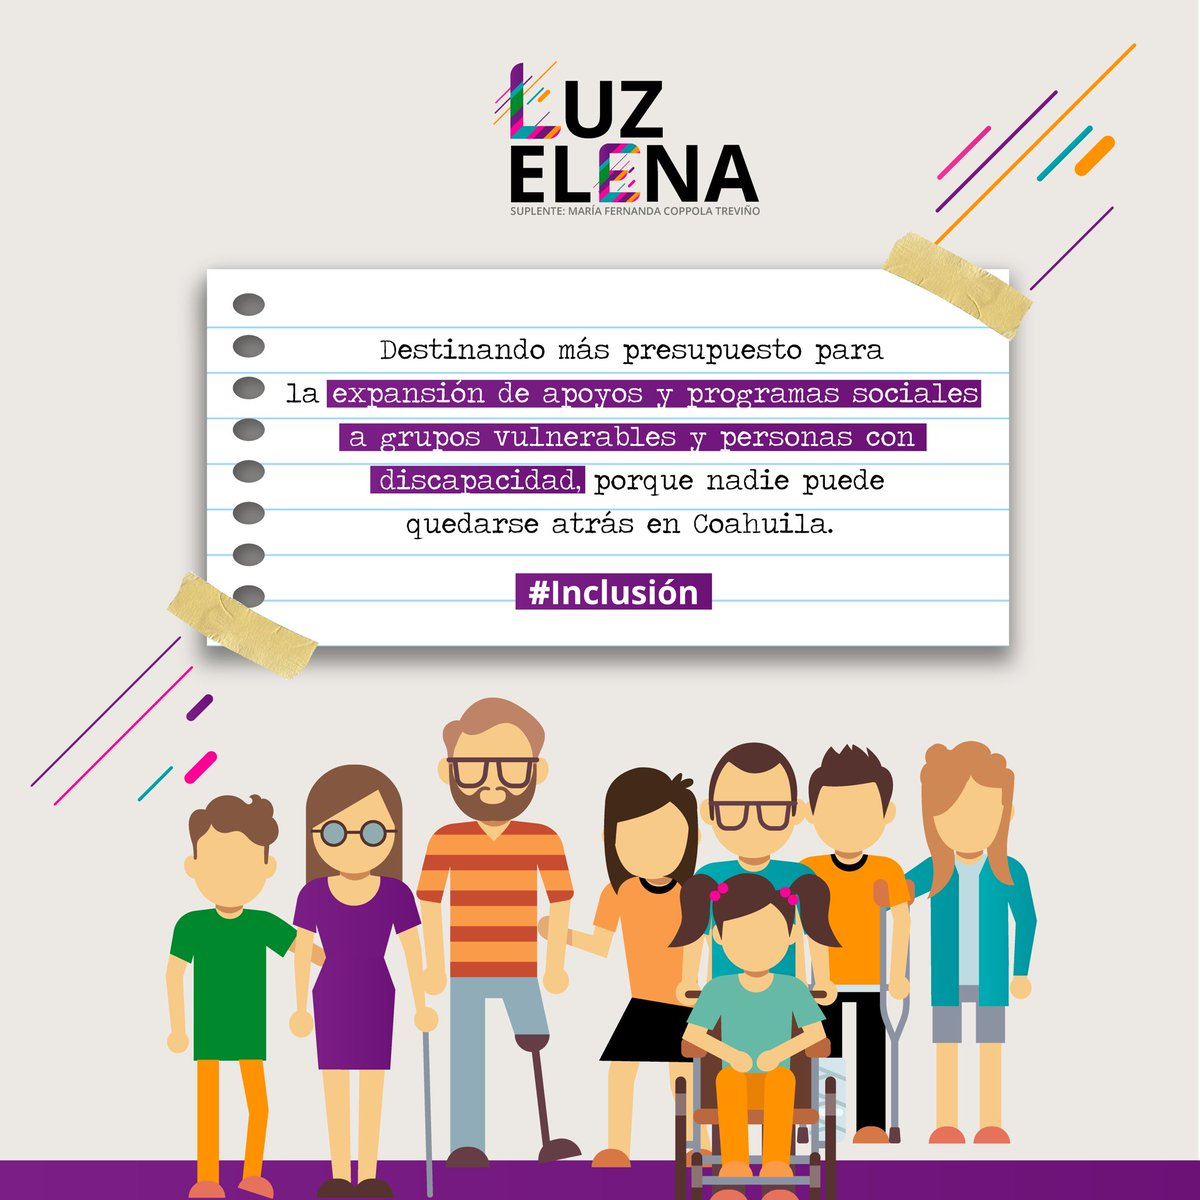 Desde el Congreso del Estado exigiremos la inclusión y el reconocimiento a los grupos vulnerables y personas con discapacidad, destinando más presupuesto para la expansión de apoyos y programas sociales. ¡Vamos con todo para #SeguirSeguros en #Coahuila! #SaldremosAdelante https://t.co/hoZXAWlVsw